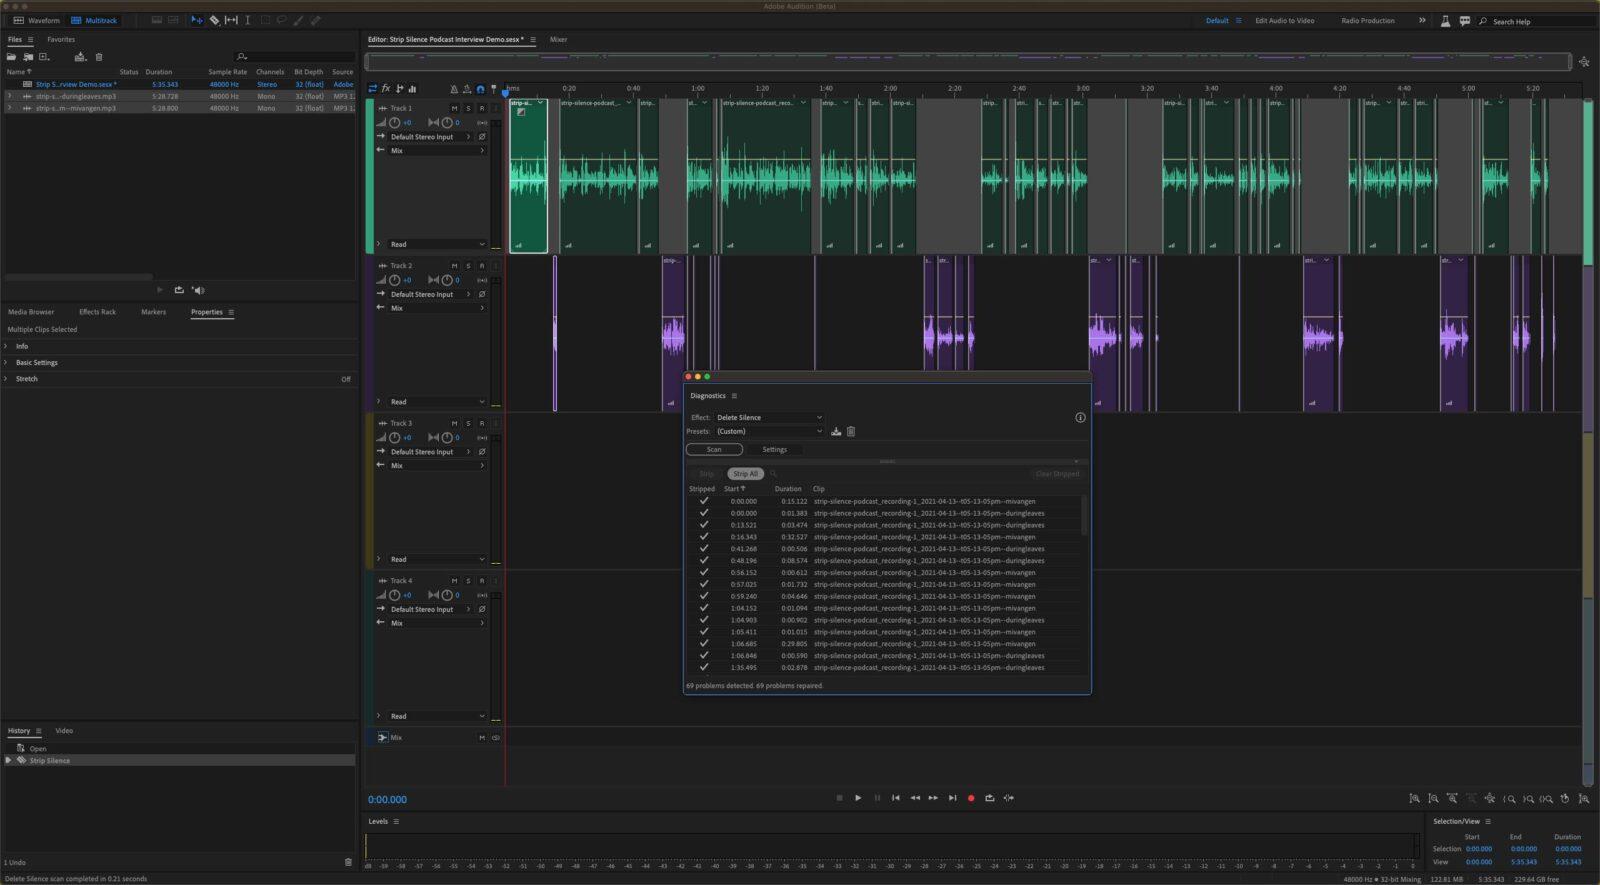 Adobe Audition ora è un'applicazione nativa per i Mac M1